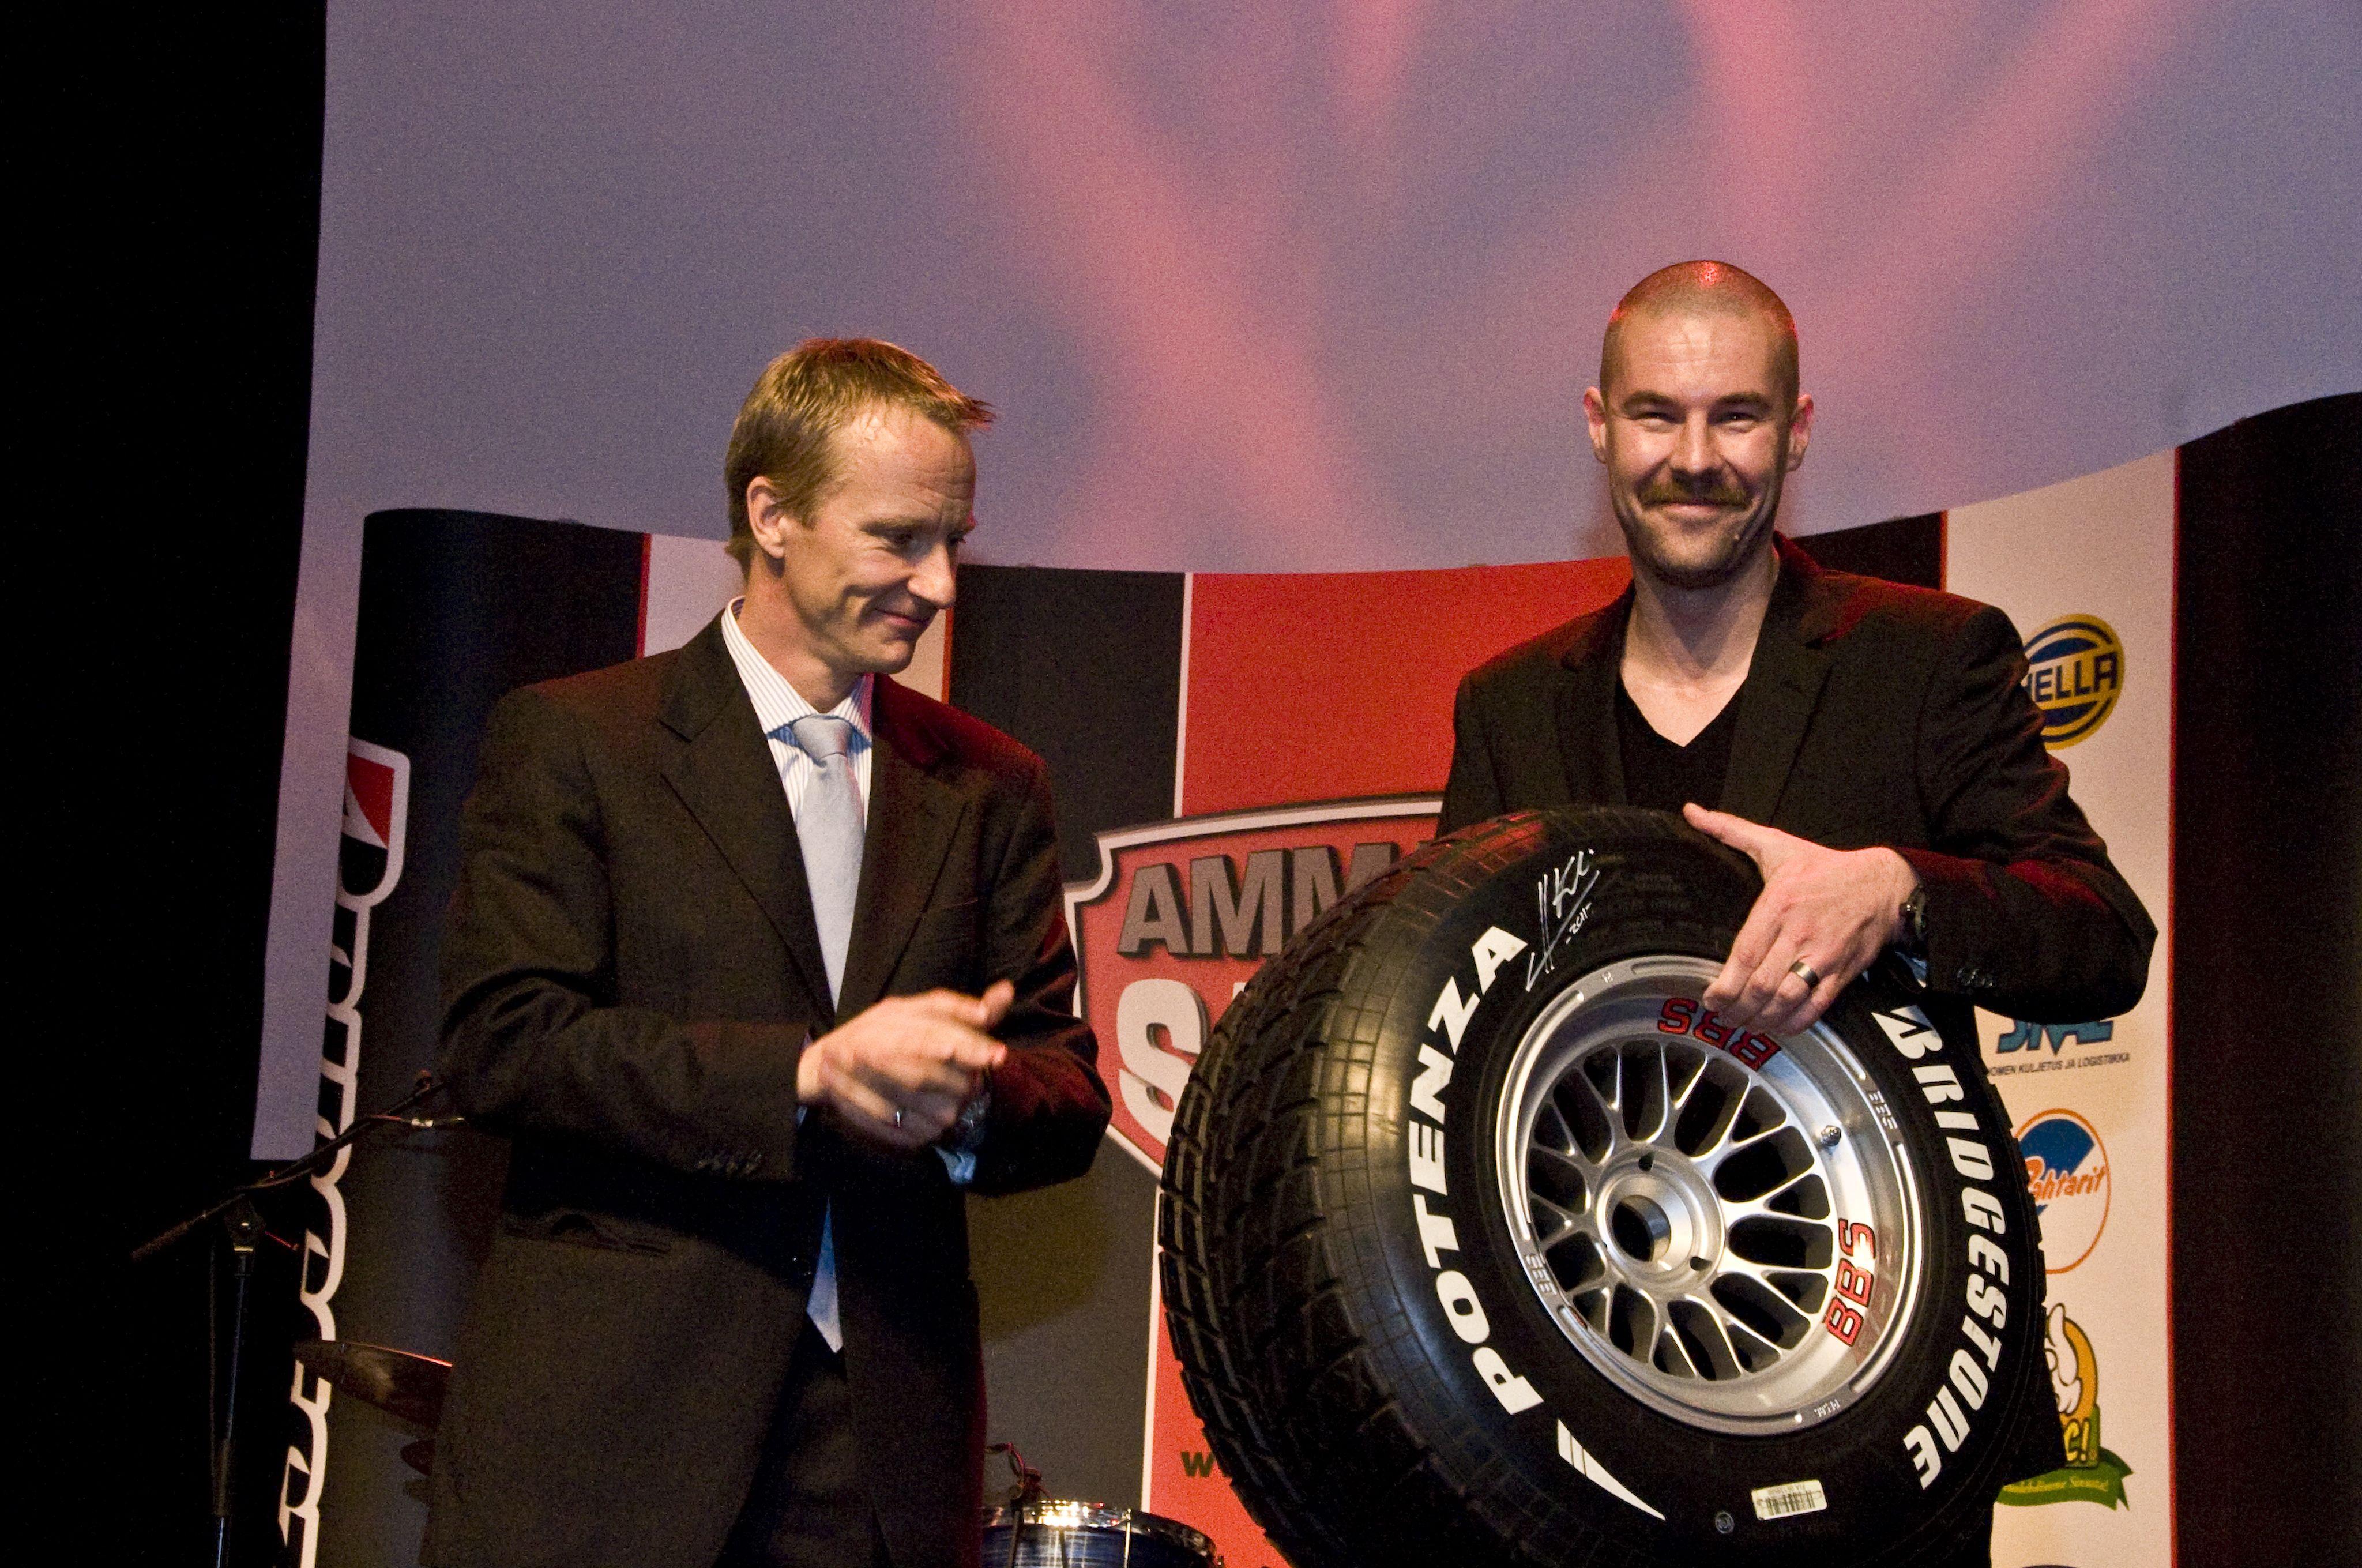 Heikki Kovalaisen signeeraaman F1 renkaan huusi itselleen TW Steel kellojen maahantuoja Alex Pått.